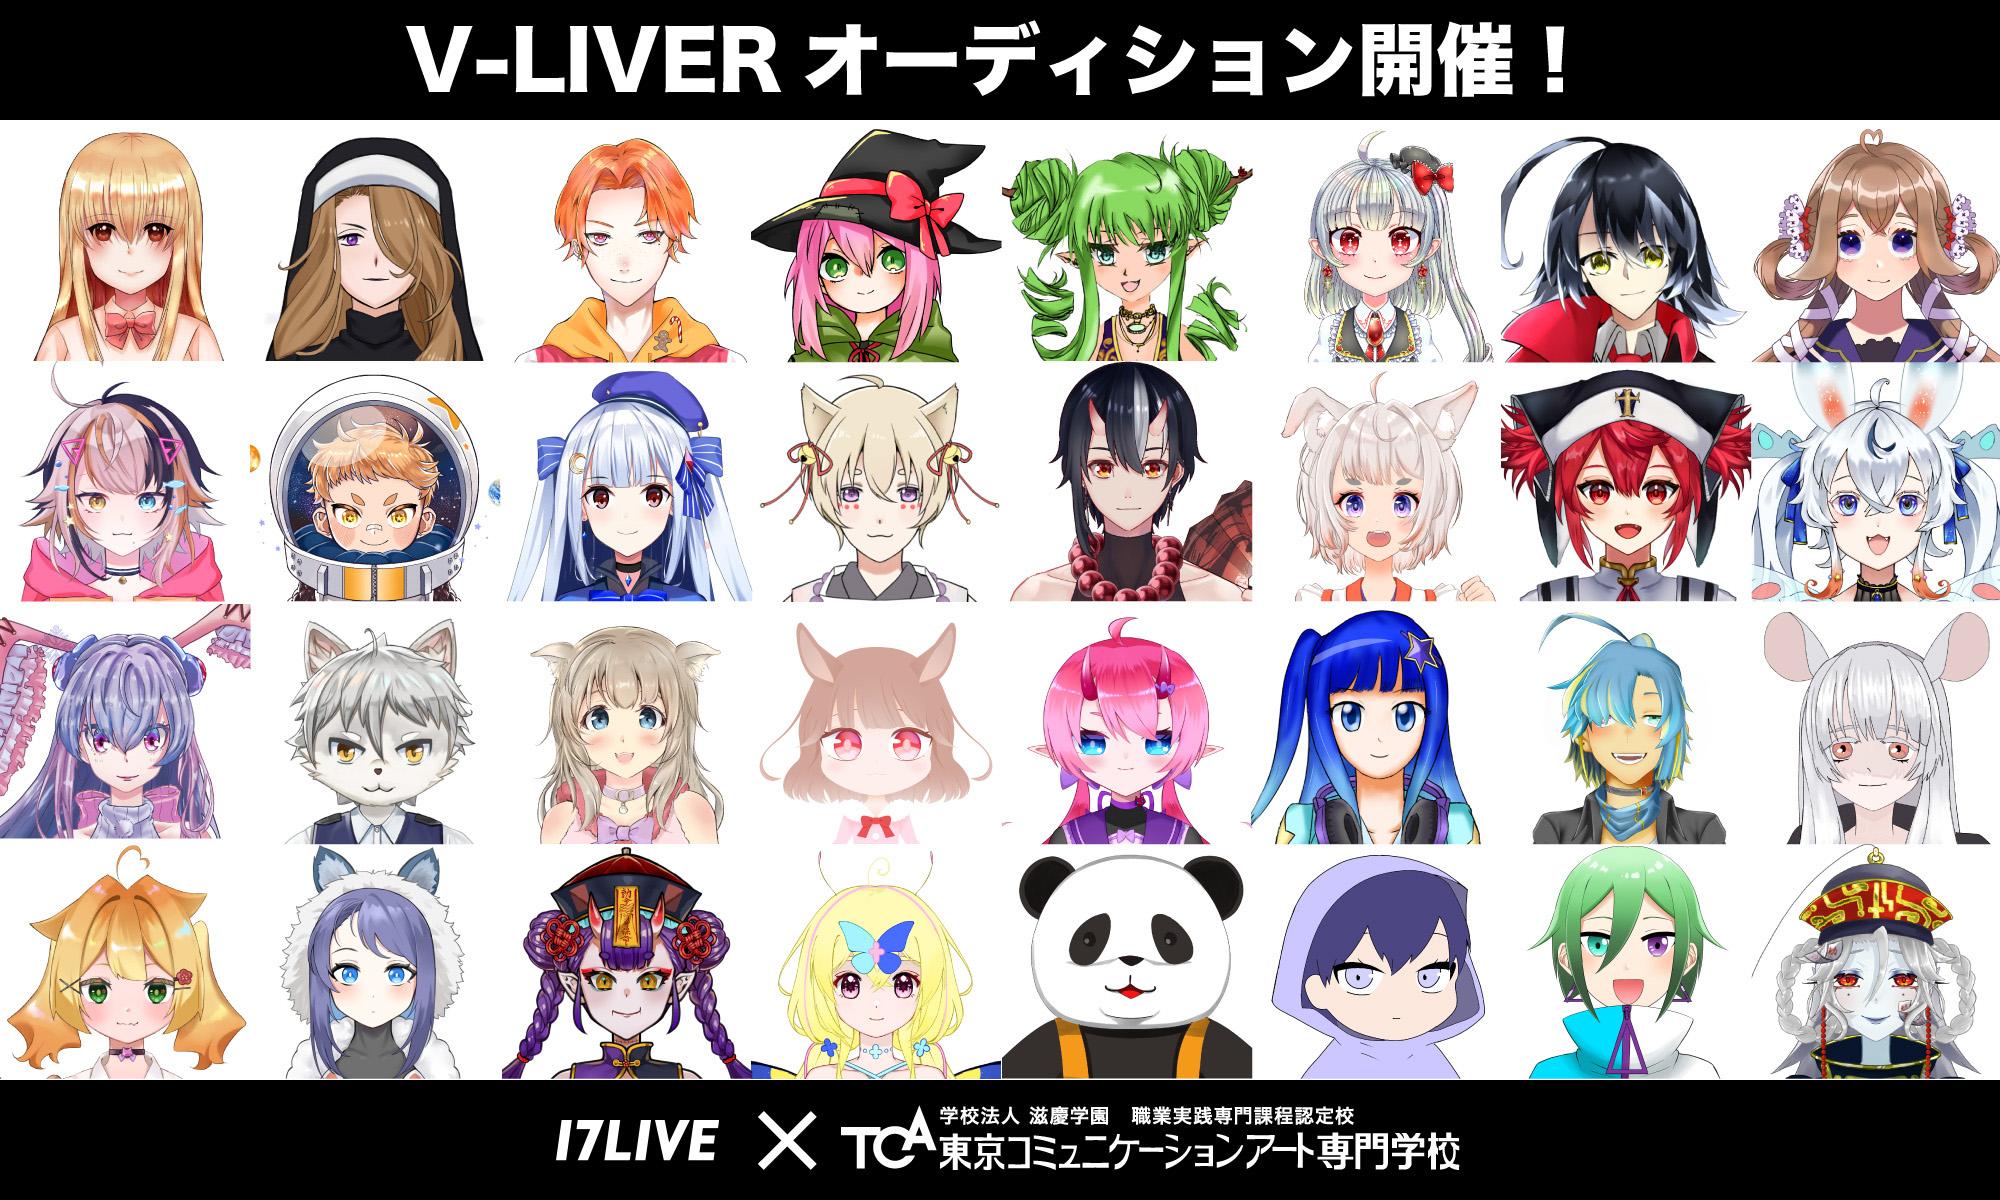 V-LIVER オーディション開催